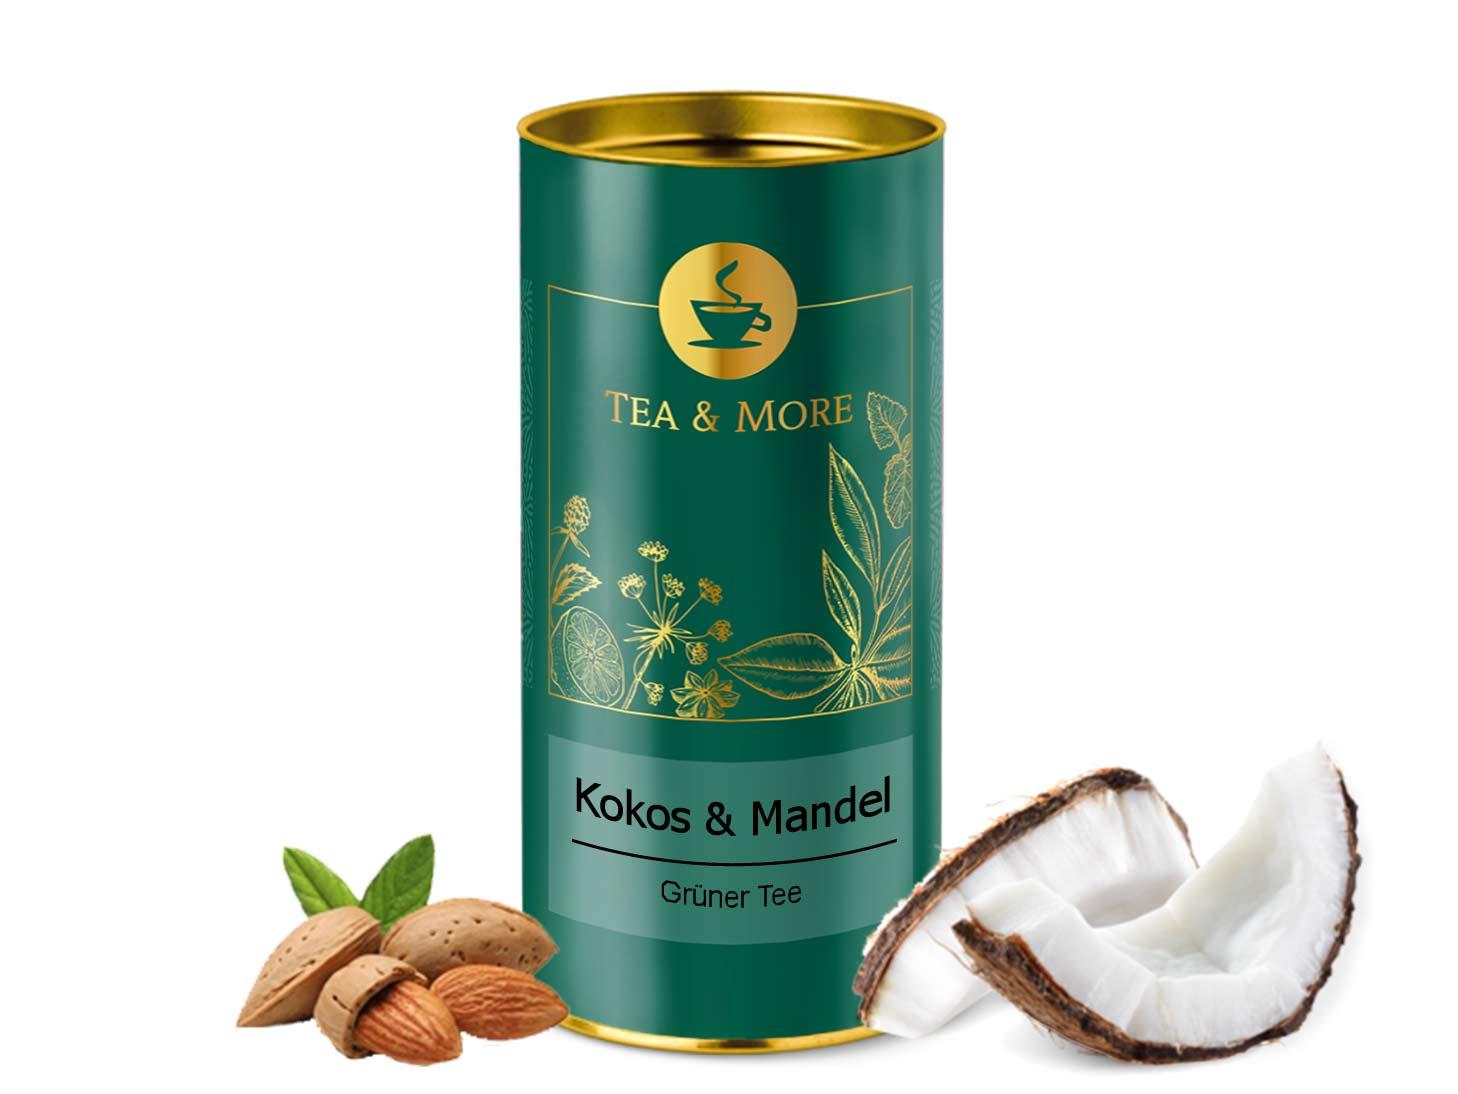 Kokos & Mandel